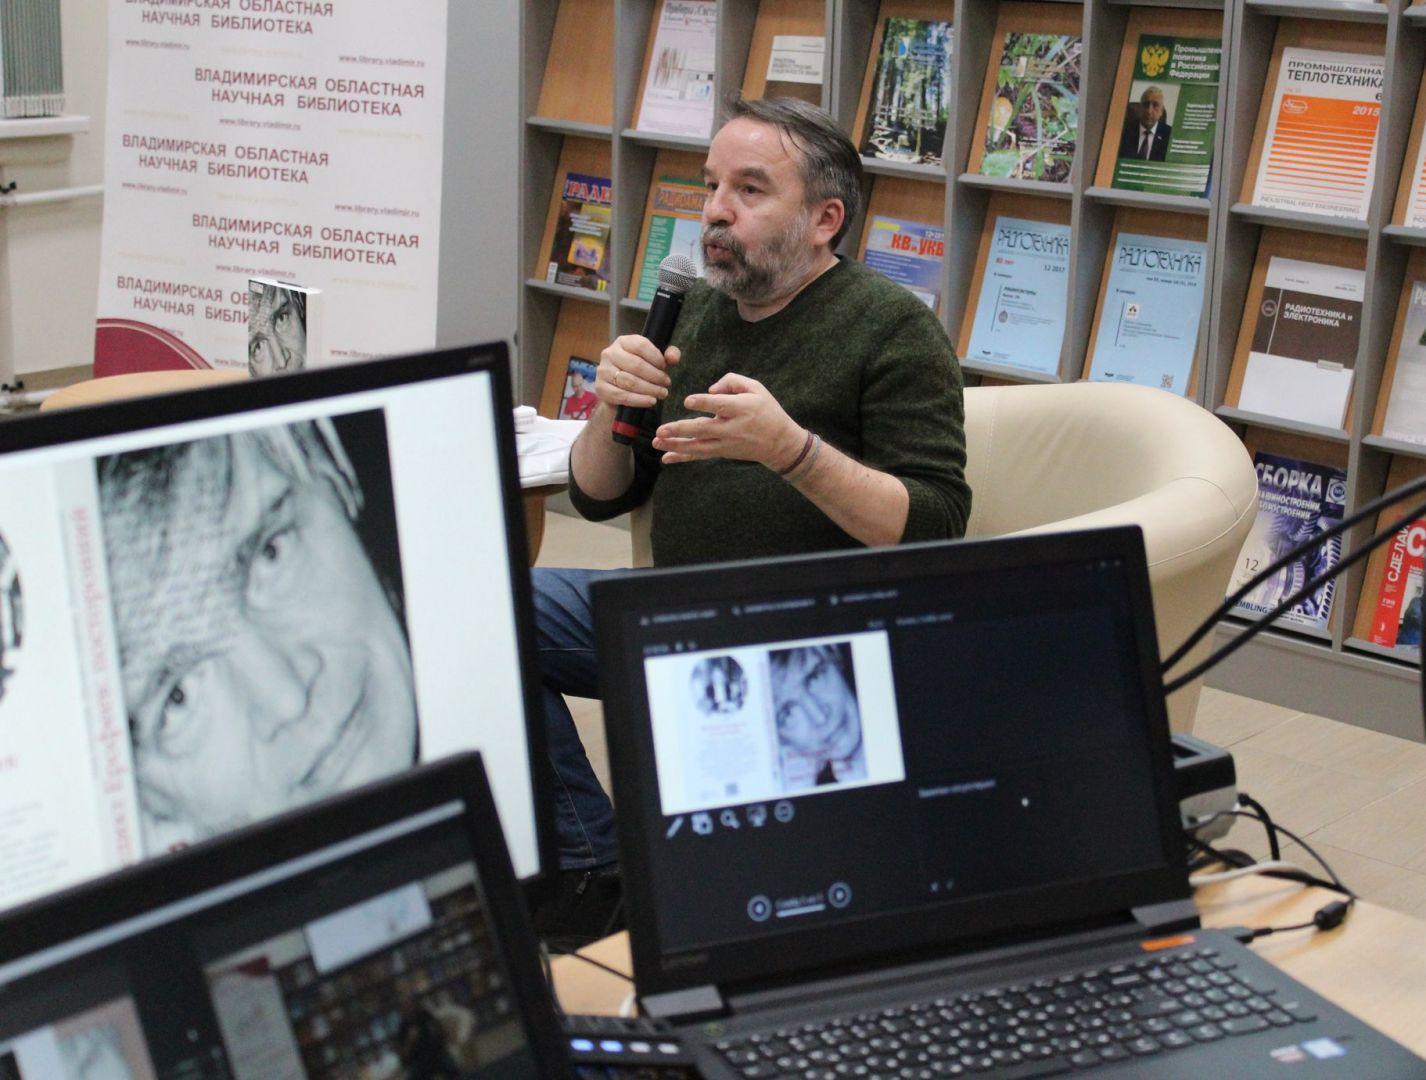 Встреча с Олегом Лекмановым транслировалась в прямом эфире